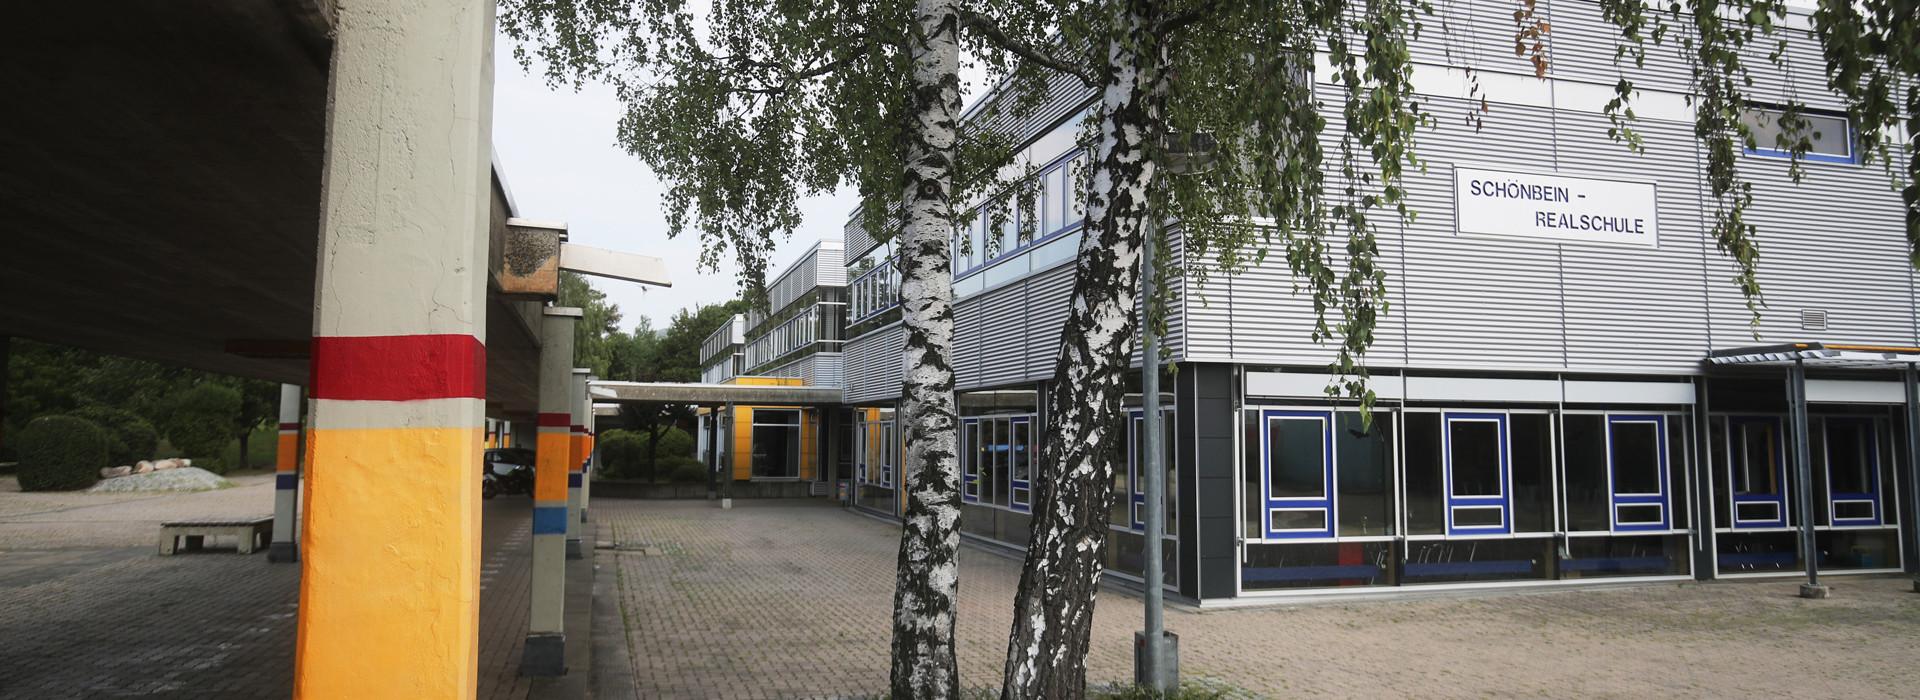 Schönbein Realschule